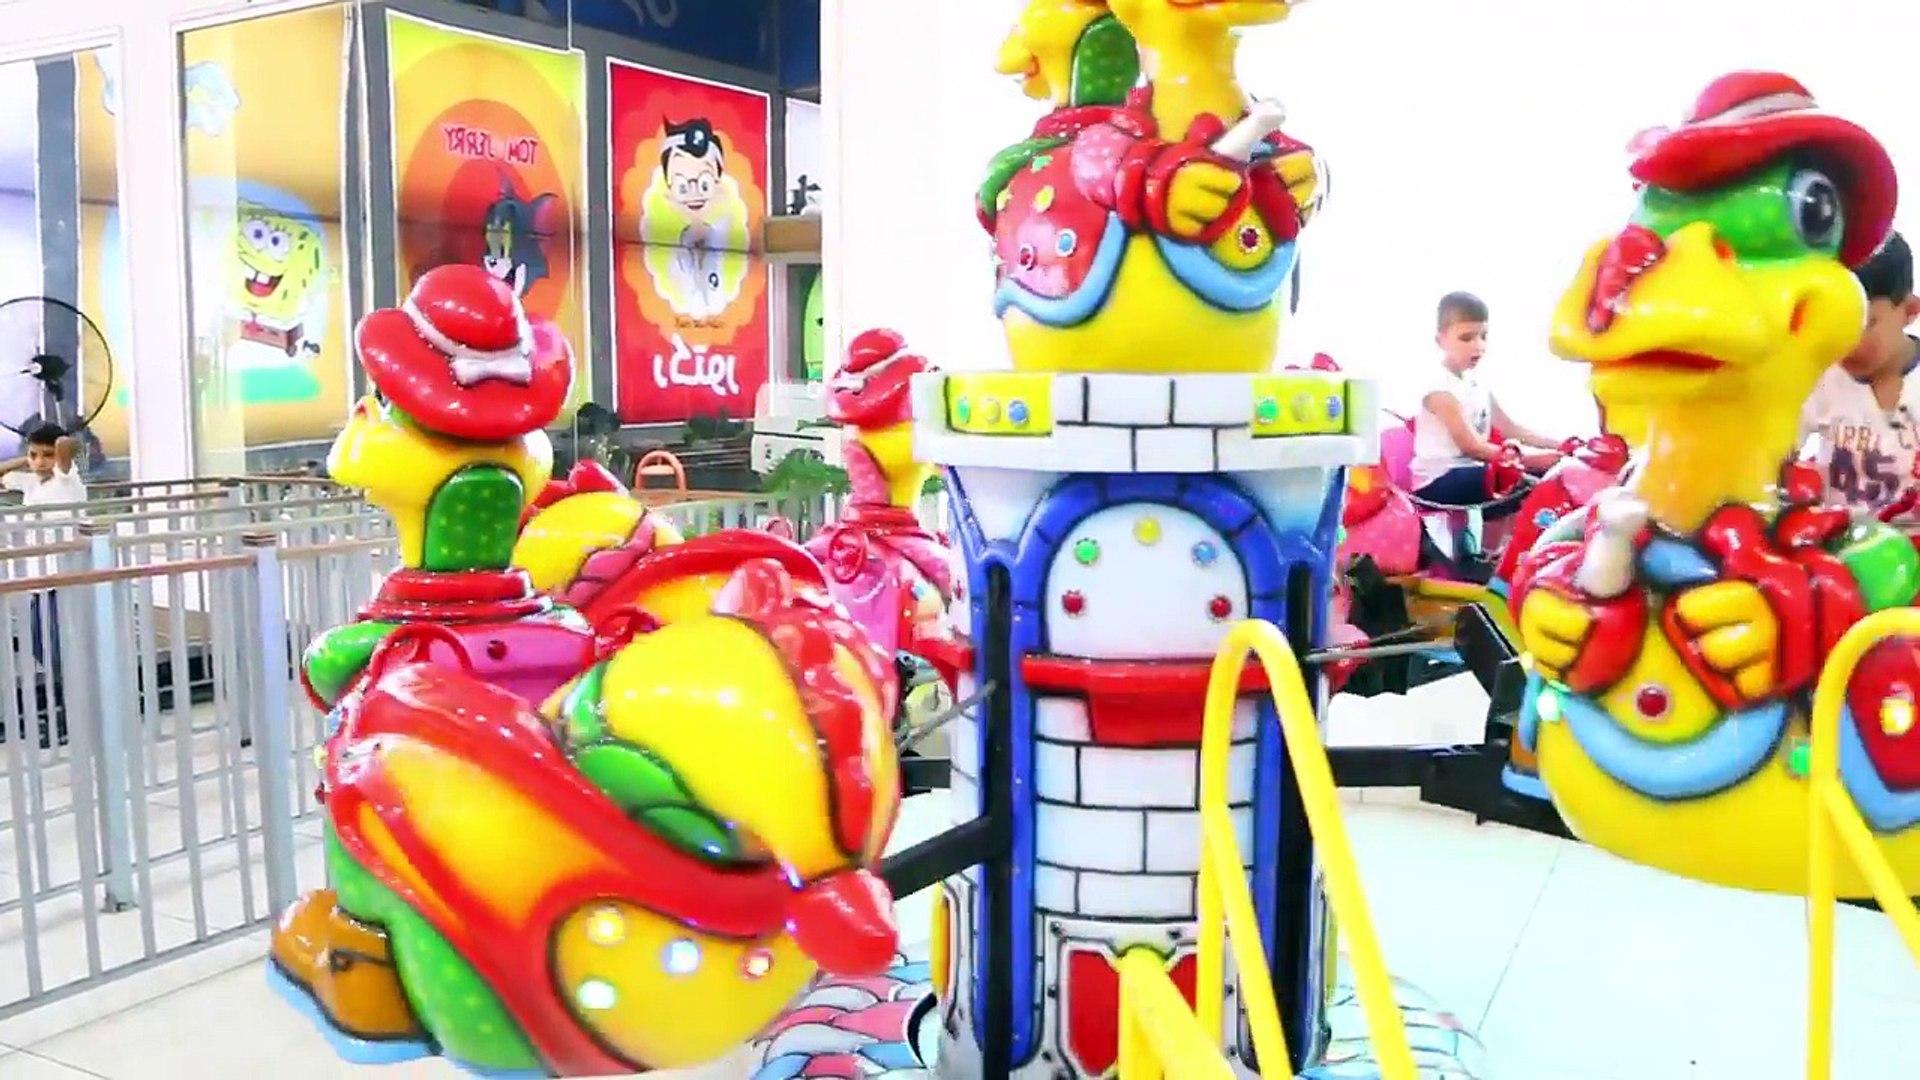 Kids Playtime Fun Arcade Games Amusements Center, Kiddie Theme Parks, Indoor Playground-WgfrrEl0Vrg